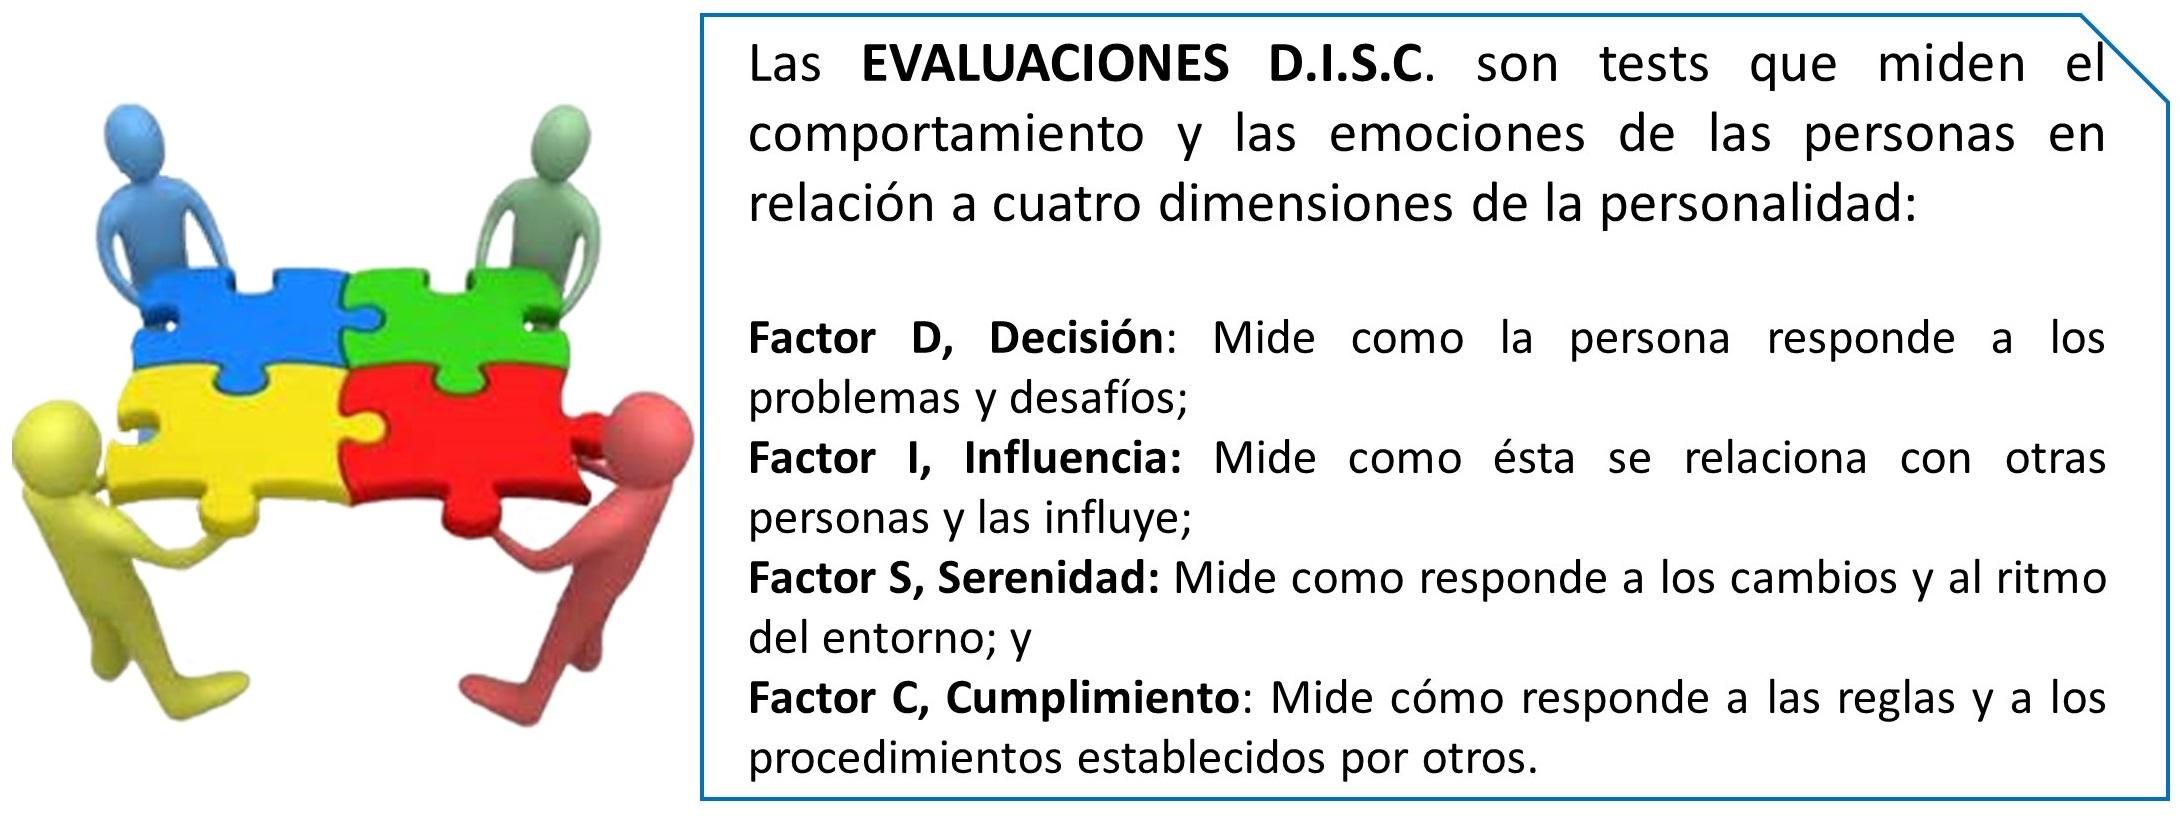 DISC Evaluaciones -Tests personalizados